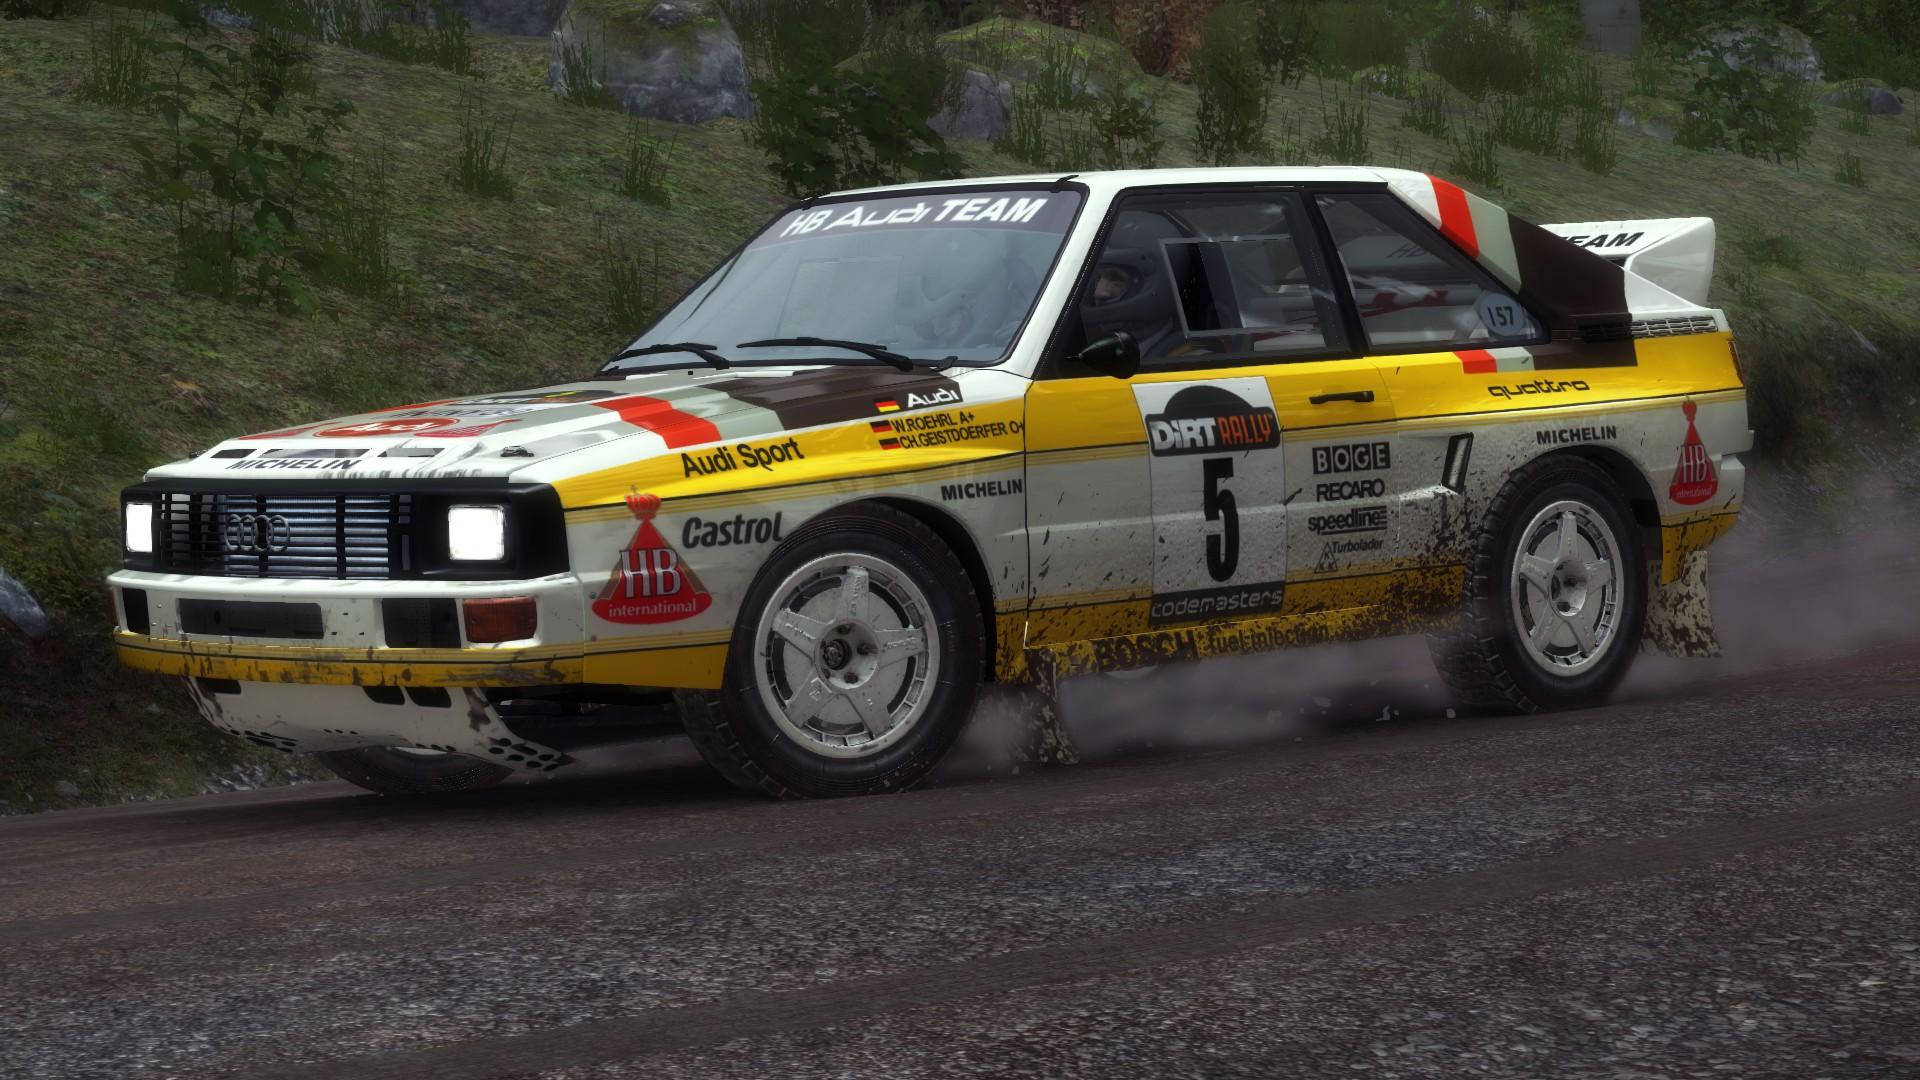 HB_Audi_1984_RALLYE_DiRT_Rally_01.jpg